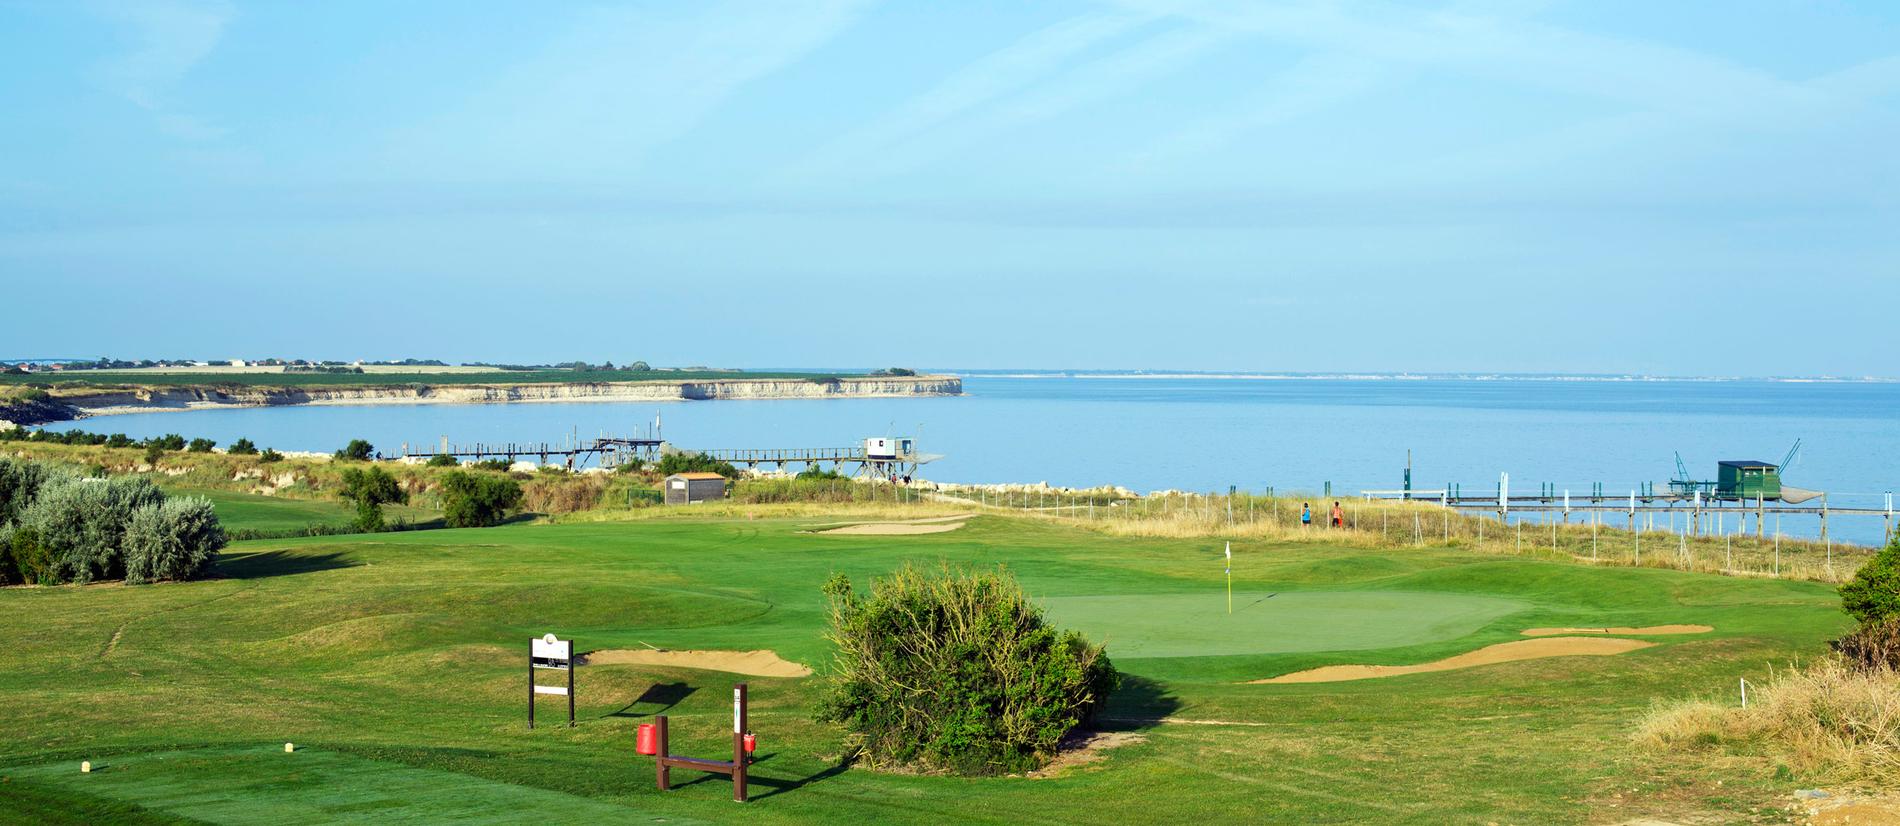 competition-barnes-golf-de-la-pree-la-rochelle-31-aout-2019